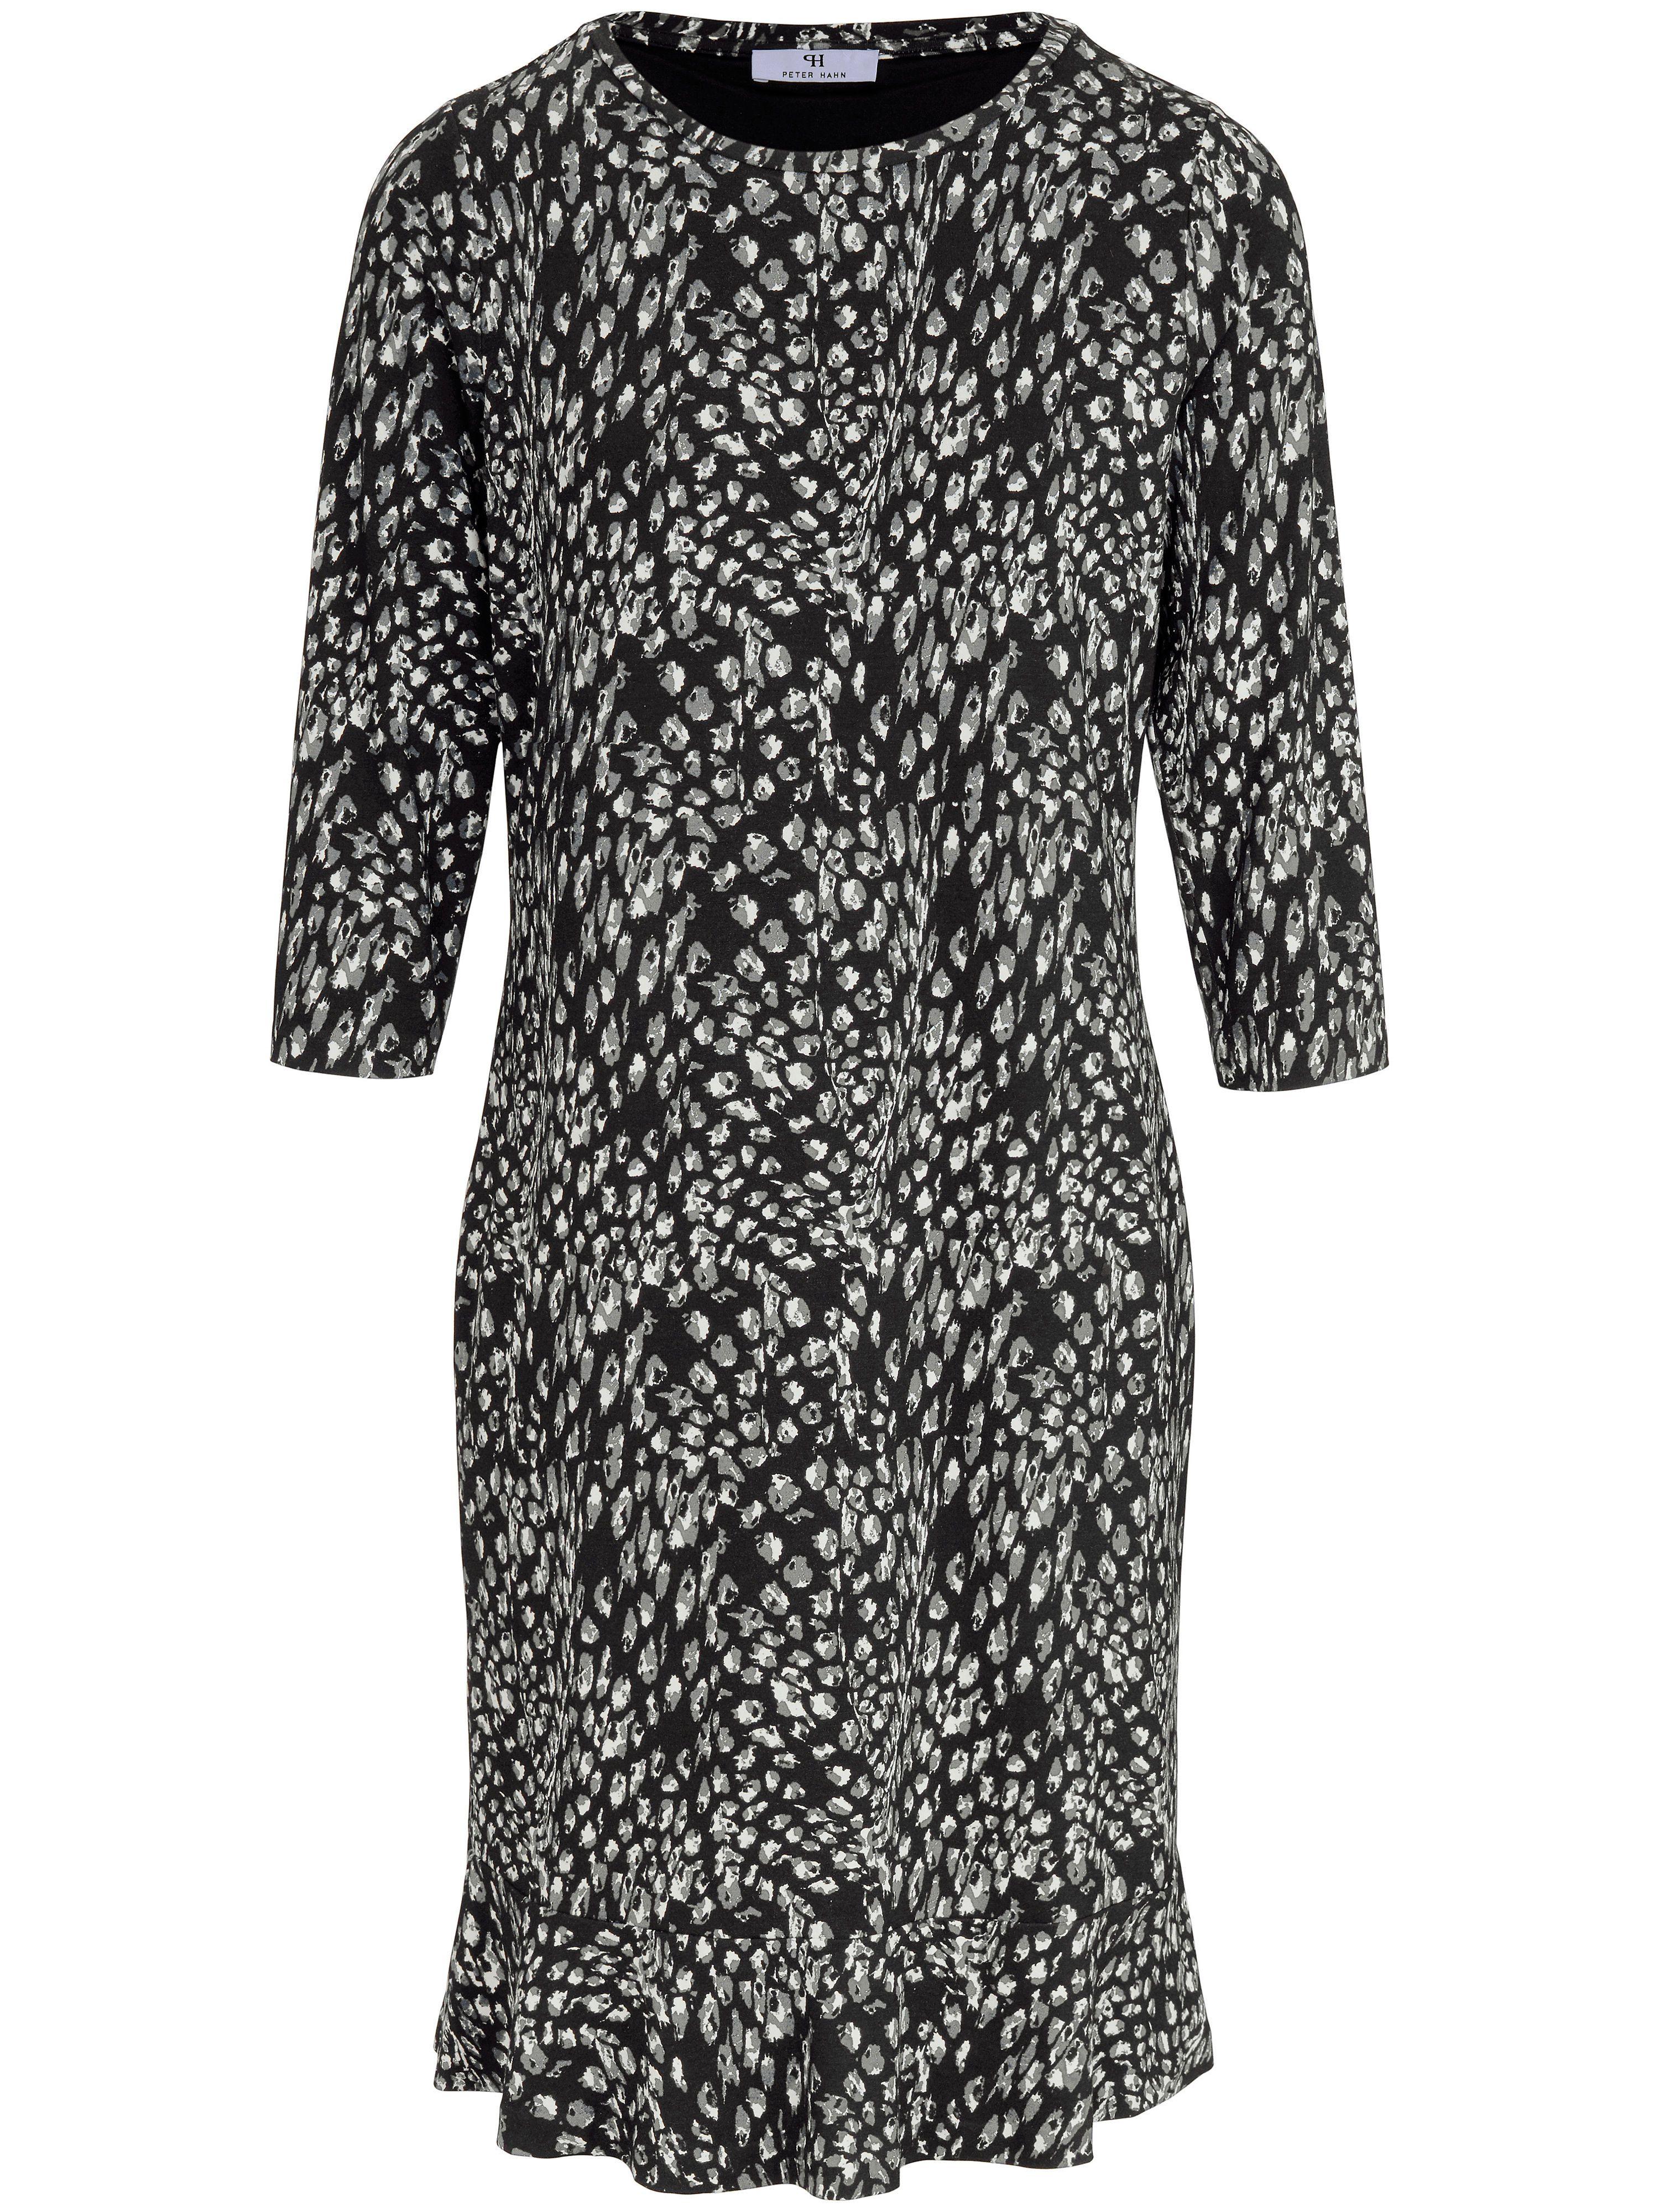 065dc3b493dc0 La robe imprimée jersey Peter Hahn multicolore taille 48   Mode et ...